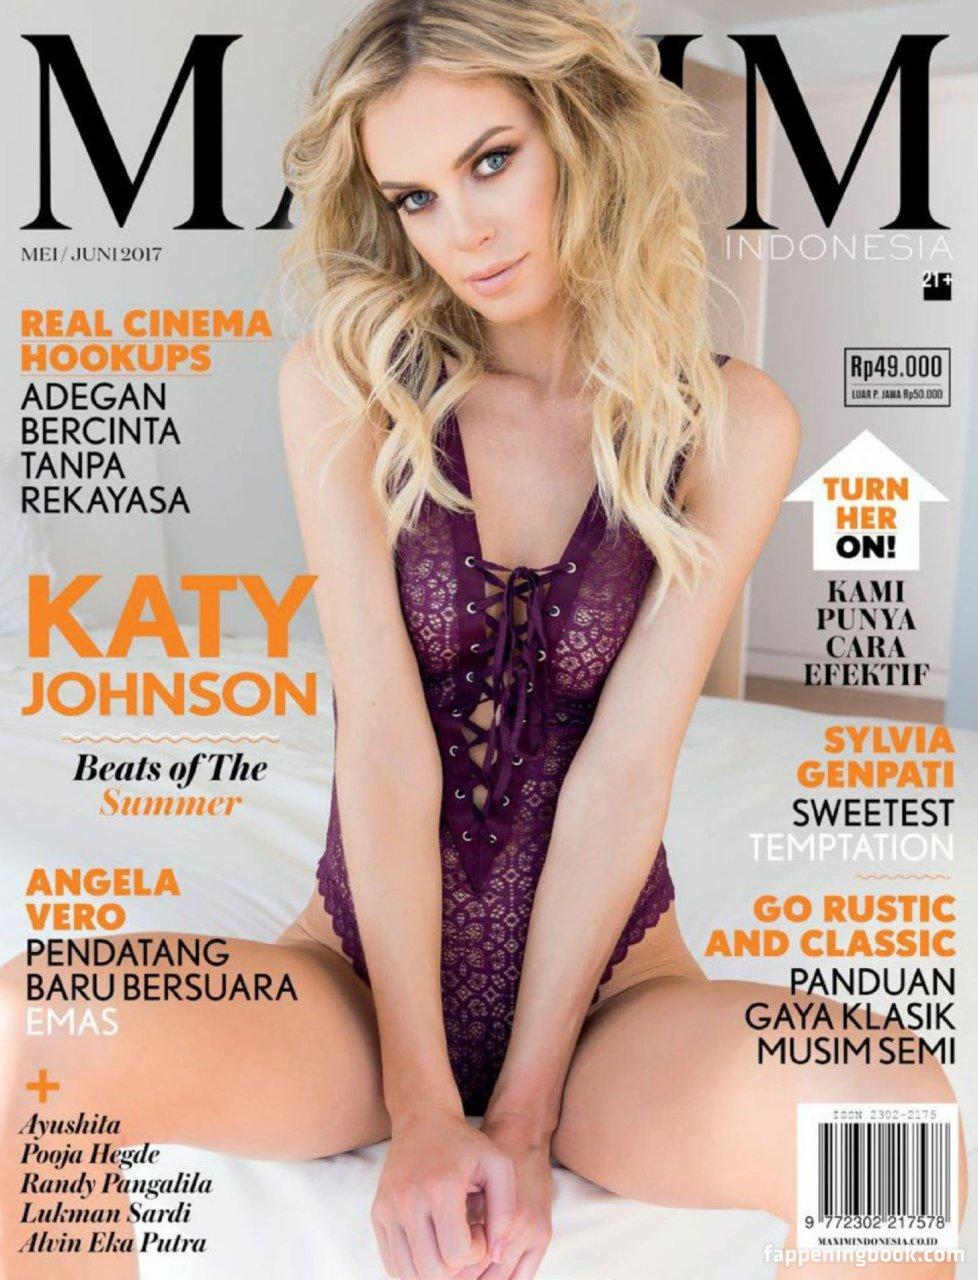 Nackt  Katy Johnson Katarina Witt